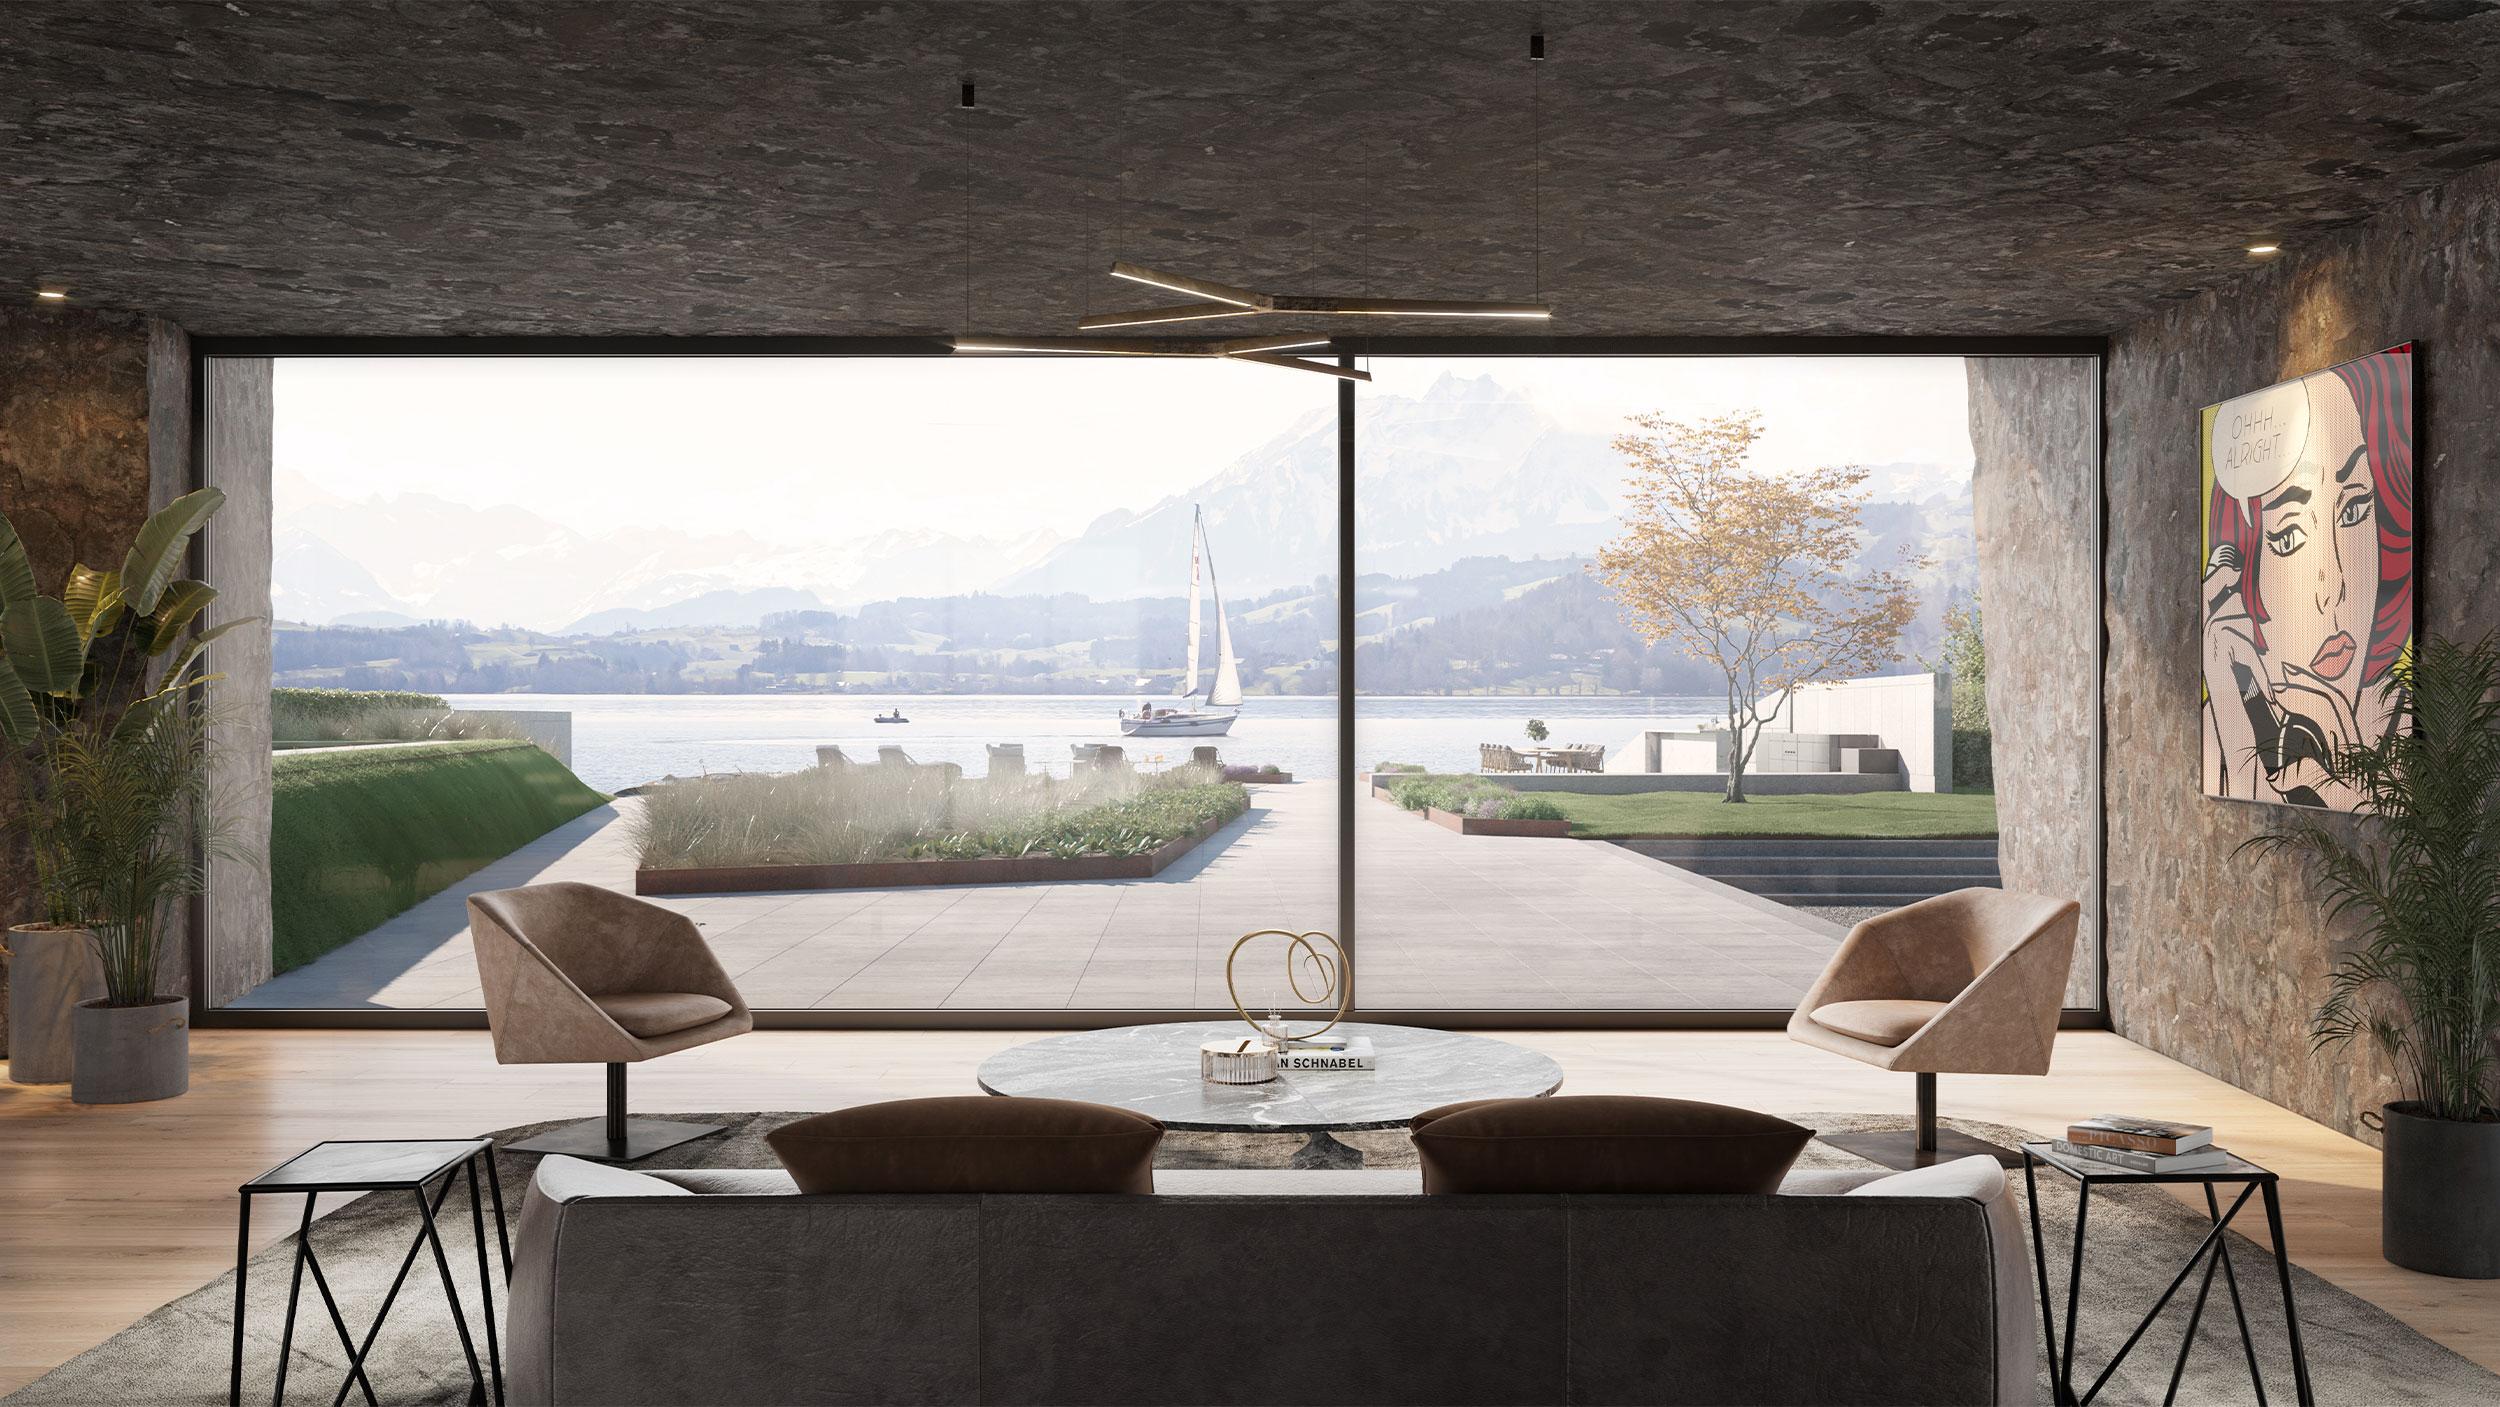 Wunschhaus_SMC_Fabio_Giacobello_web_quer_Interior